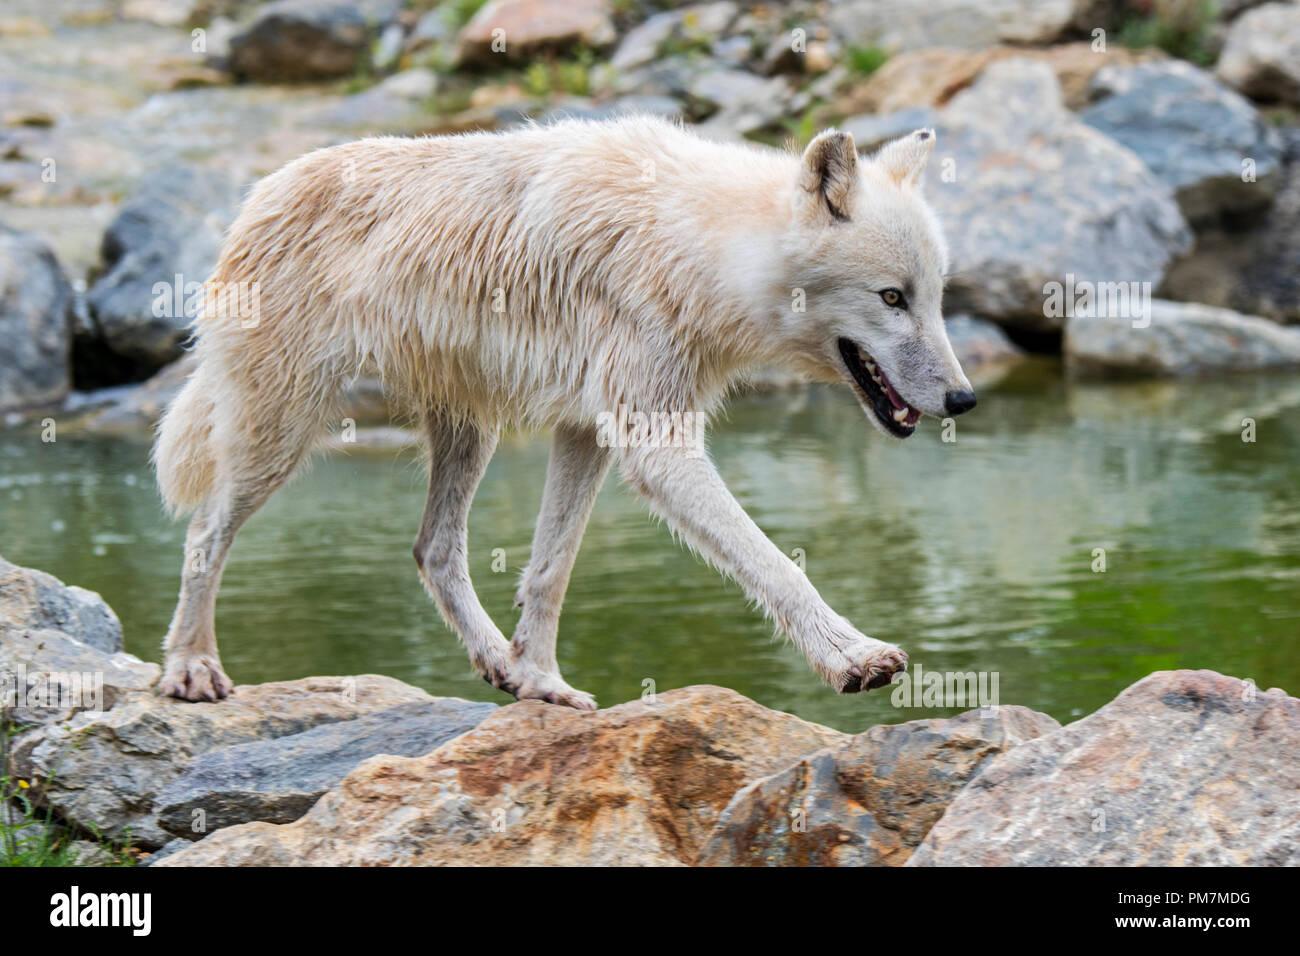 Einsamen kanadischen arktischen Wolf/White Wolf/Polar Wolf (Canis lupus arctos) Native nach Kanada Nahrungssuche entlang Stream Stockbild